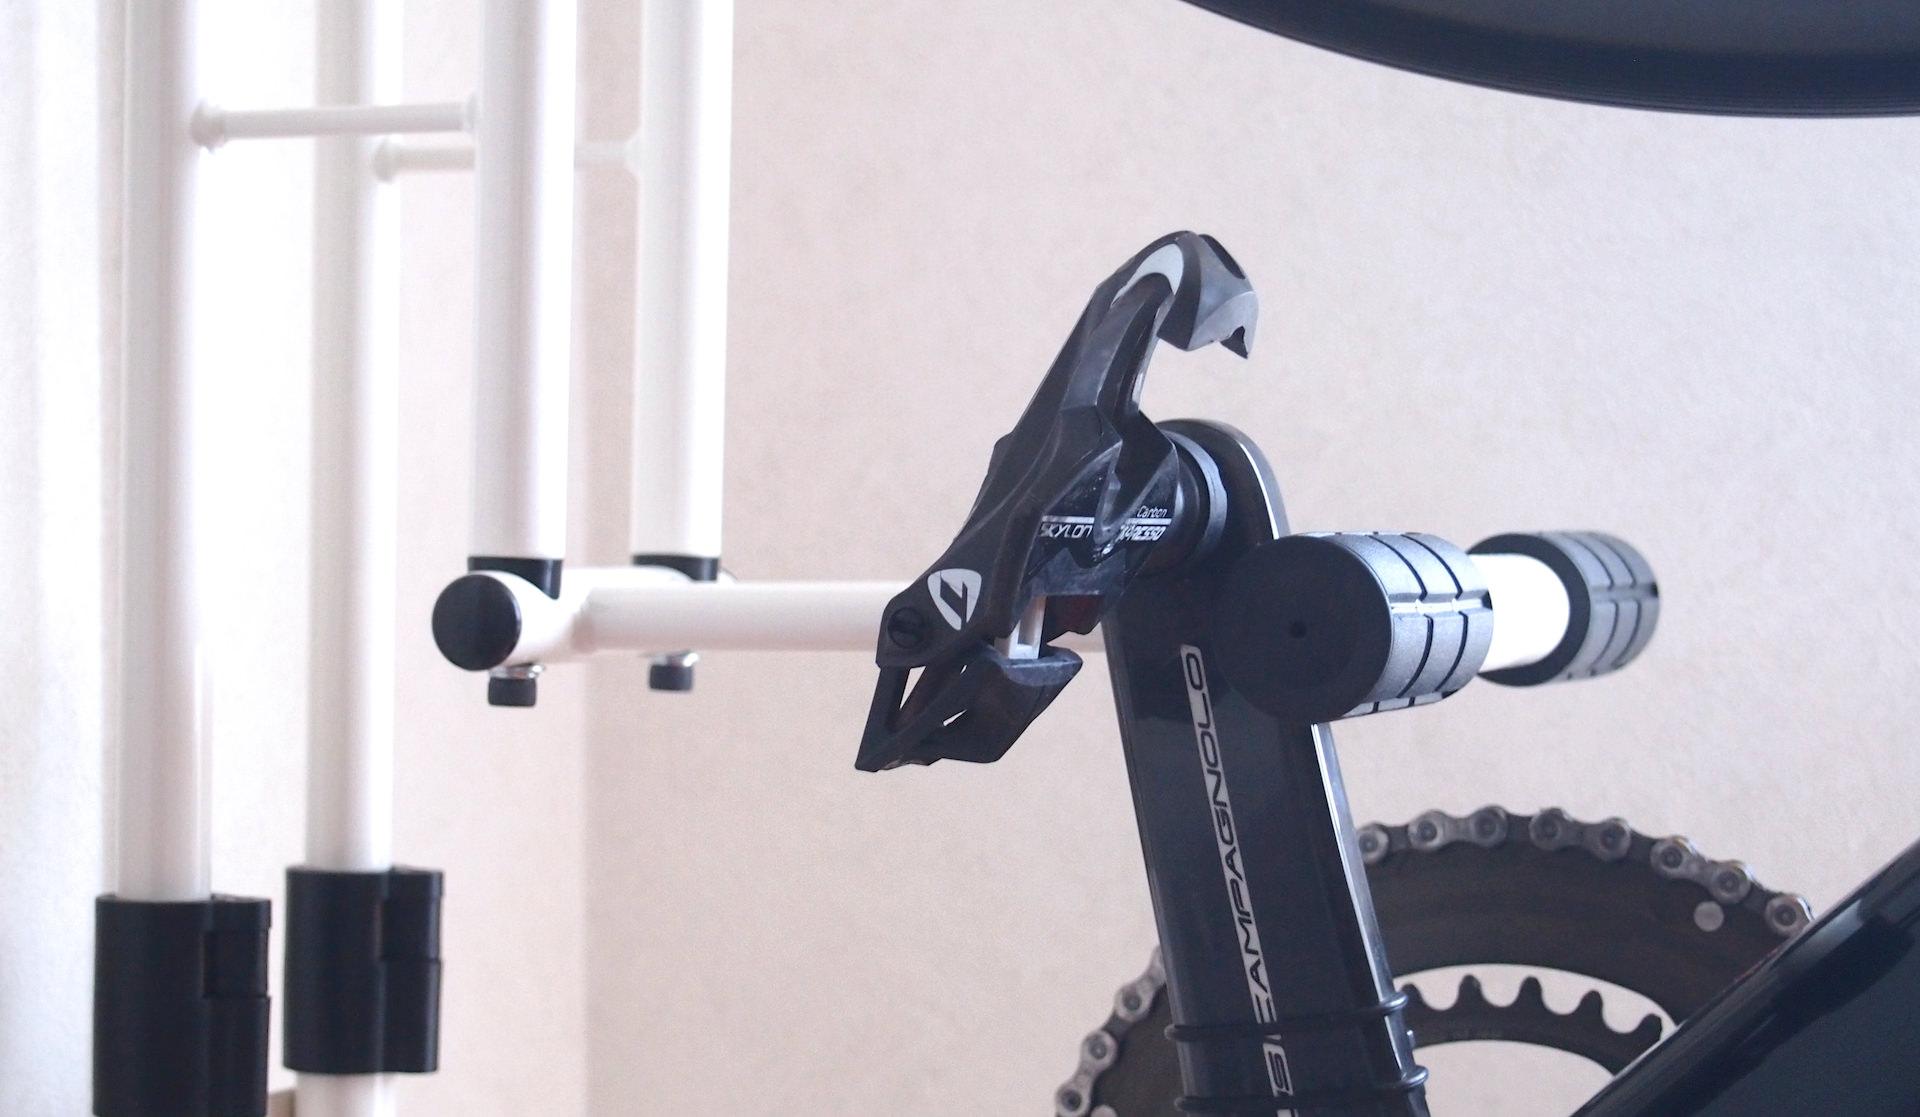 Cyclelockerクランクストッパーイメージ